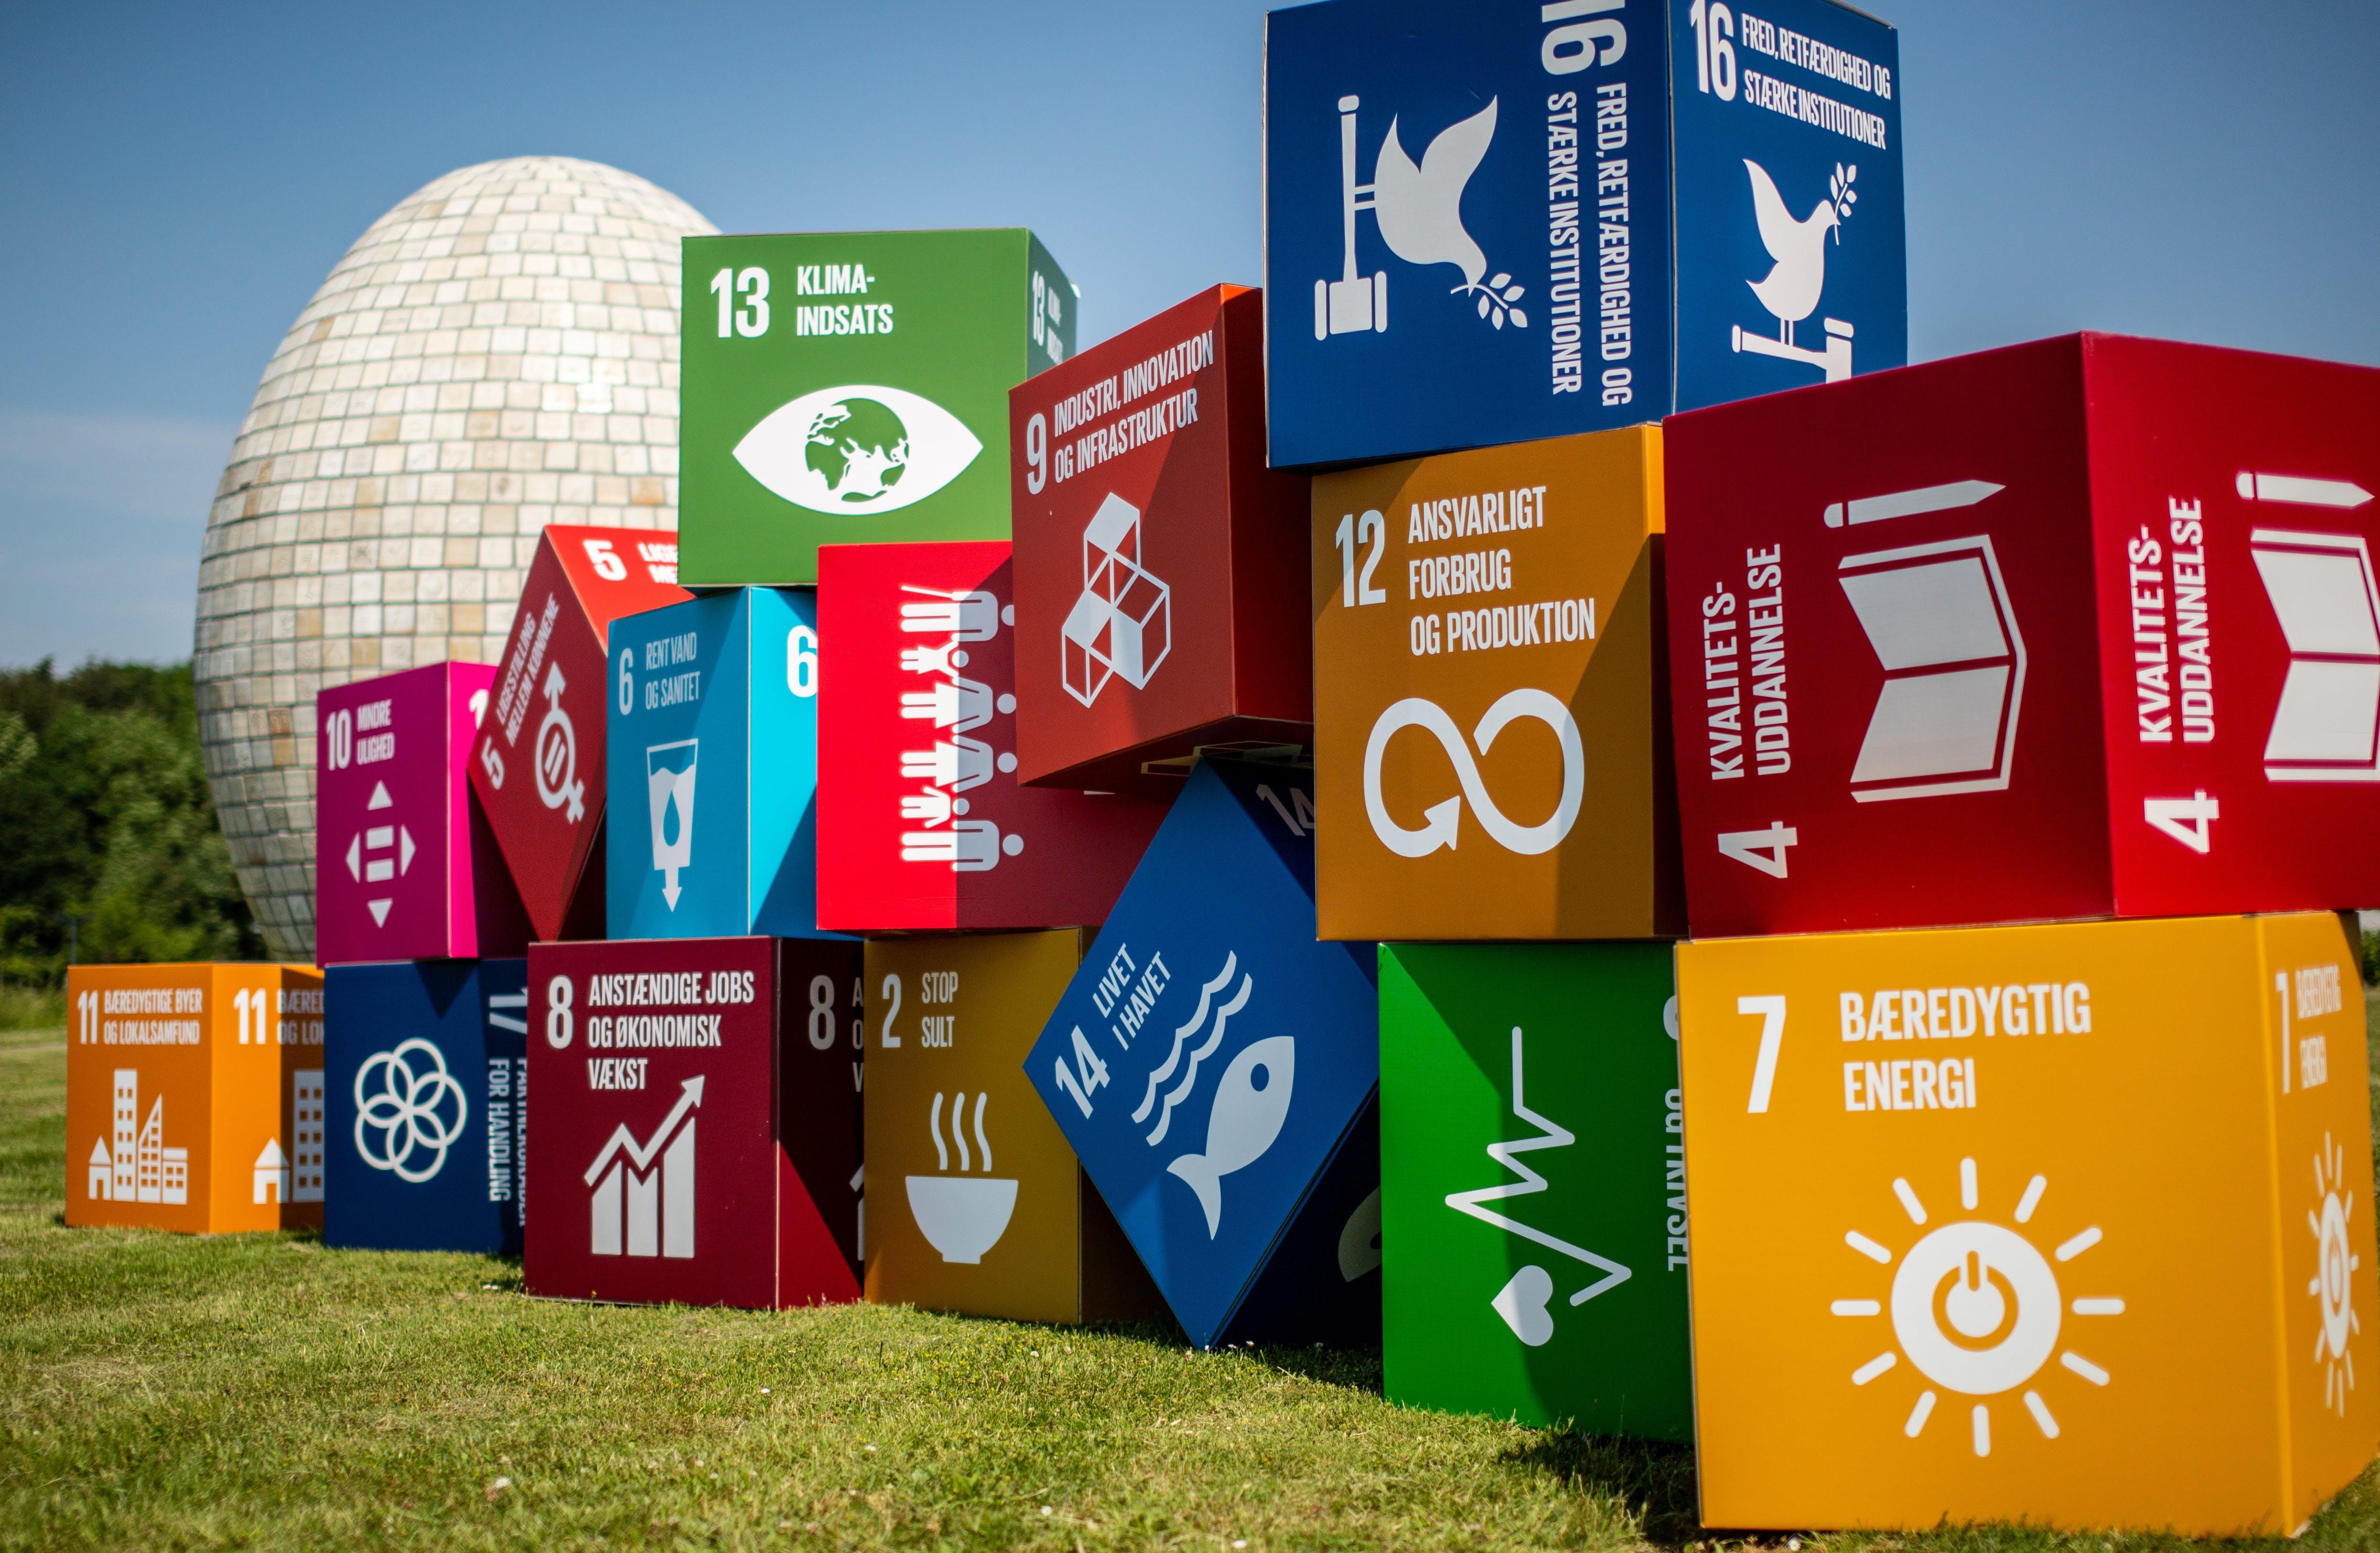 Verdensmålene vinder indpas på danske videregående uddannelser. Foto: SDU.